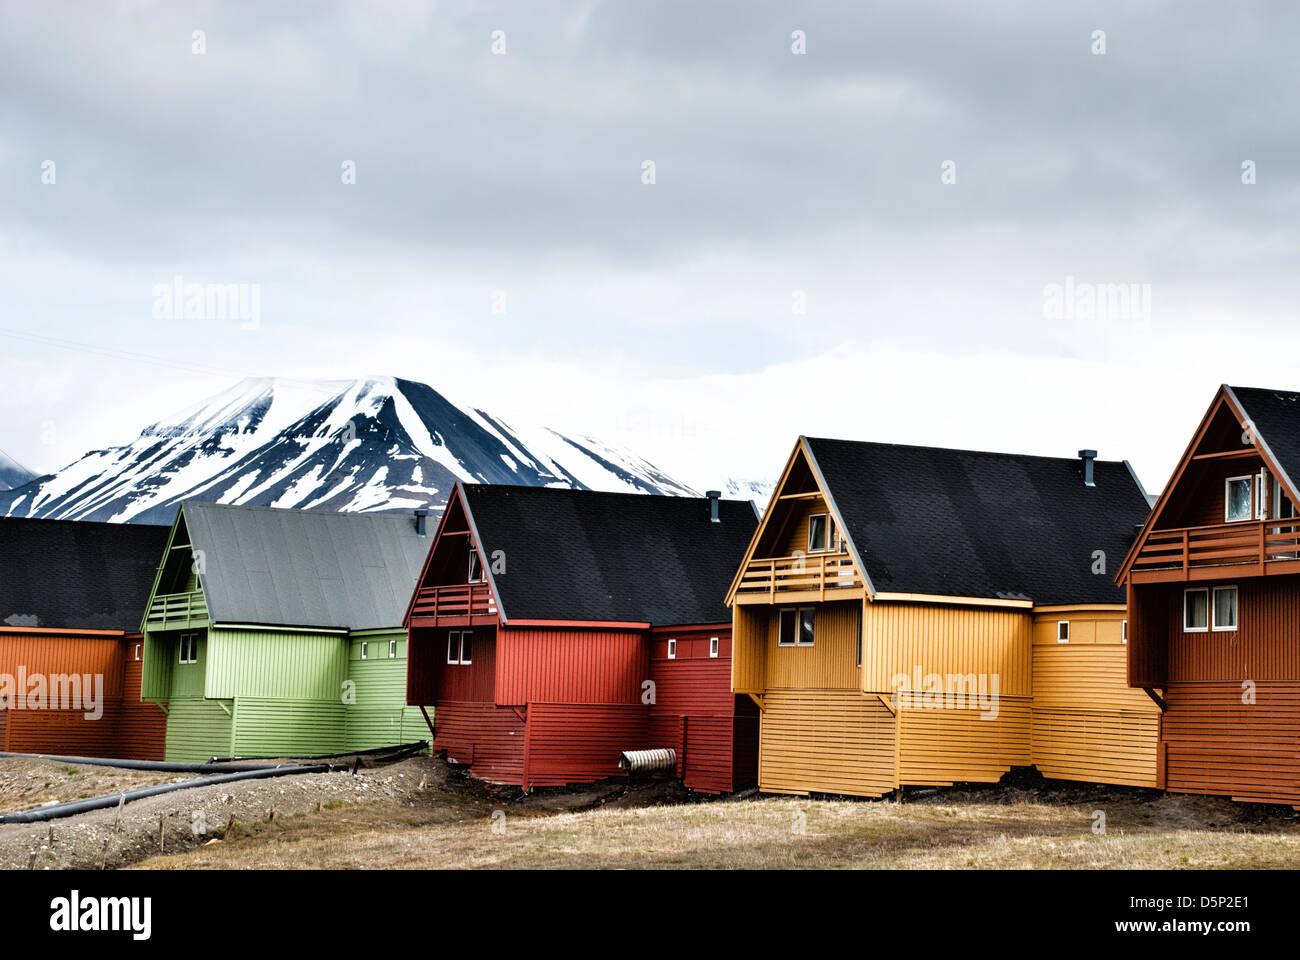 Case colorate nella città di Longyearbyen su Spitsbergen, arcipelago delle Svalbard, Norvegia Immagini Stock